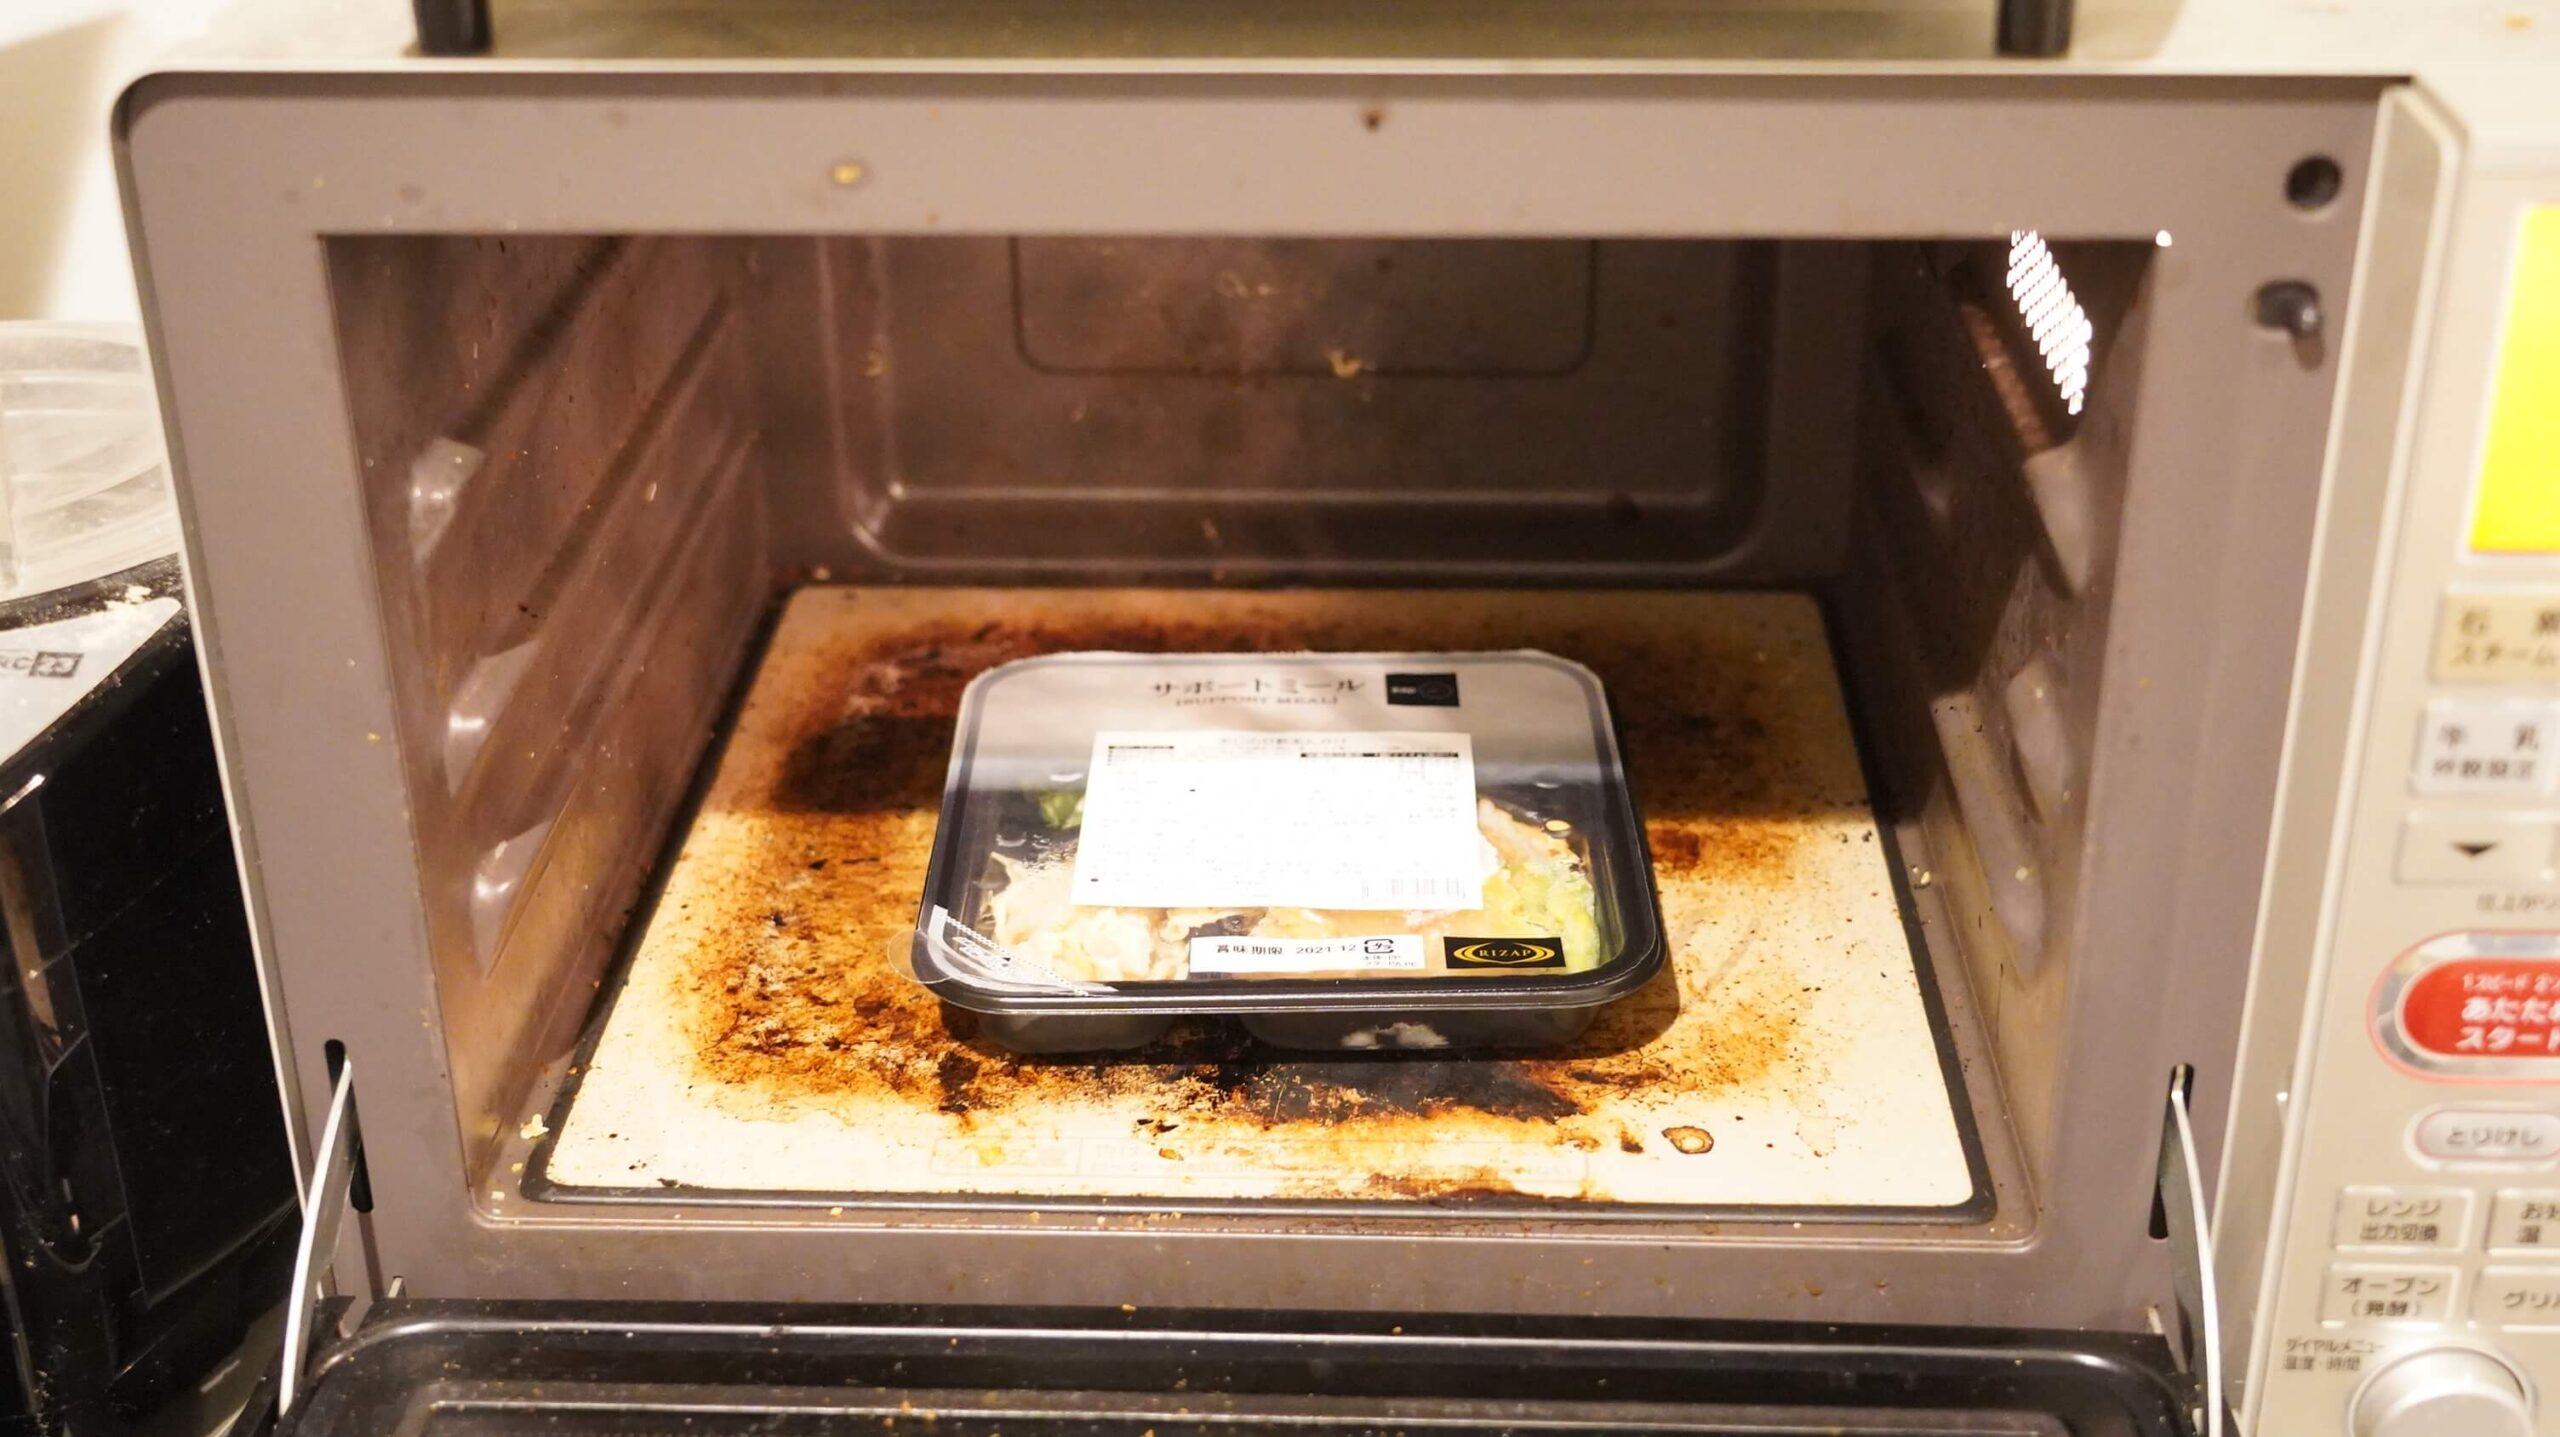 ライザップのサポートミール「あじの甘酢あんかけ」を電子レンジで加熱している写真